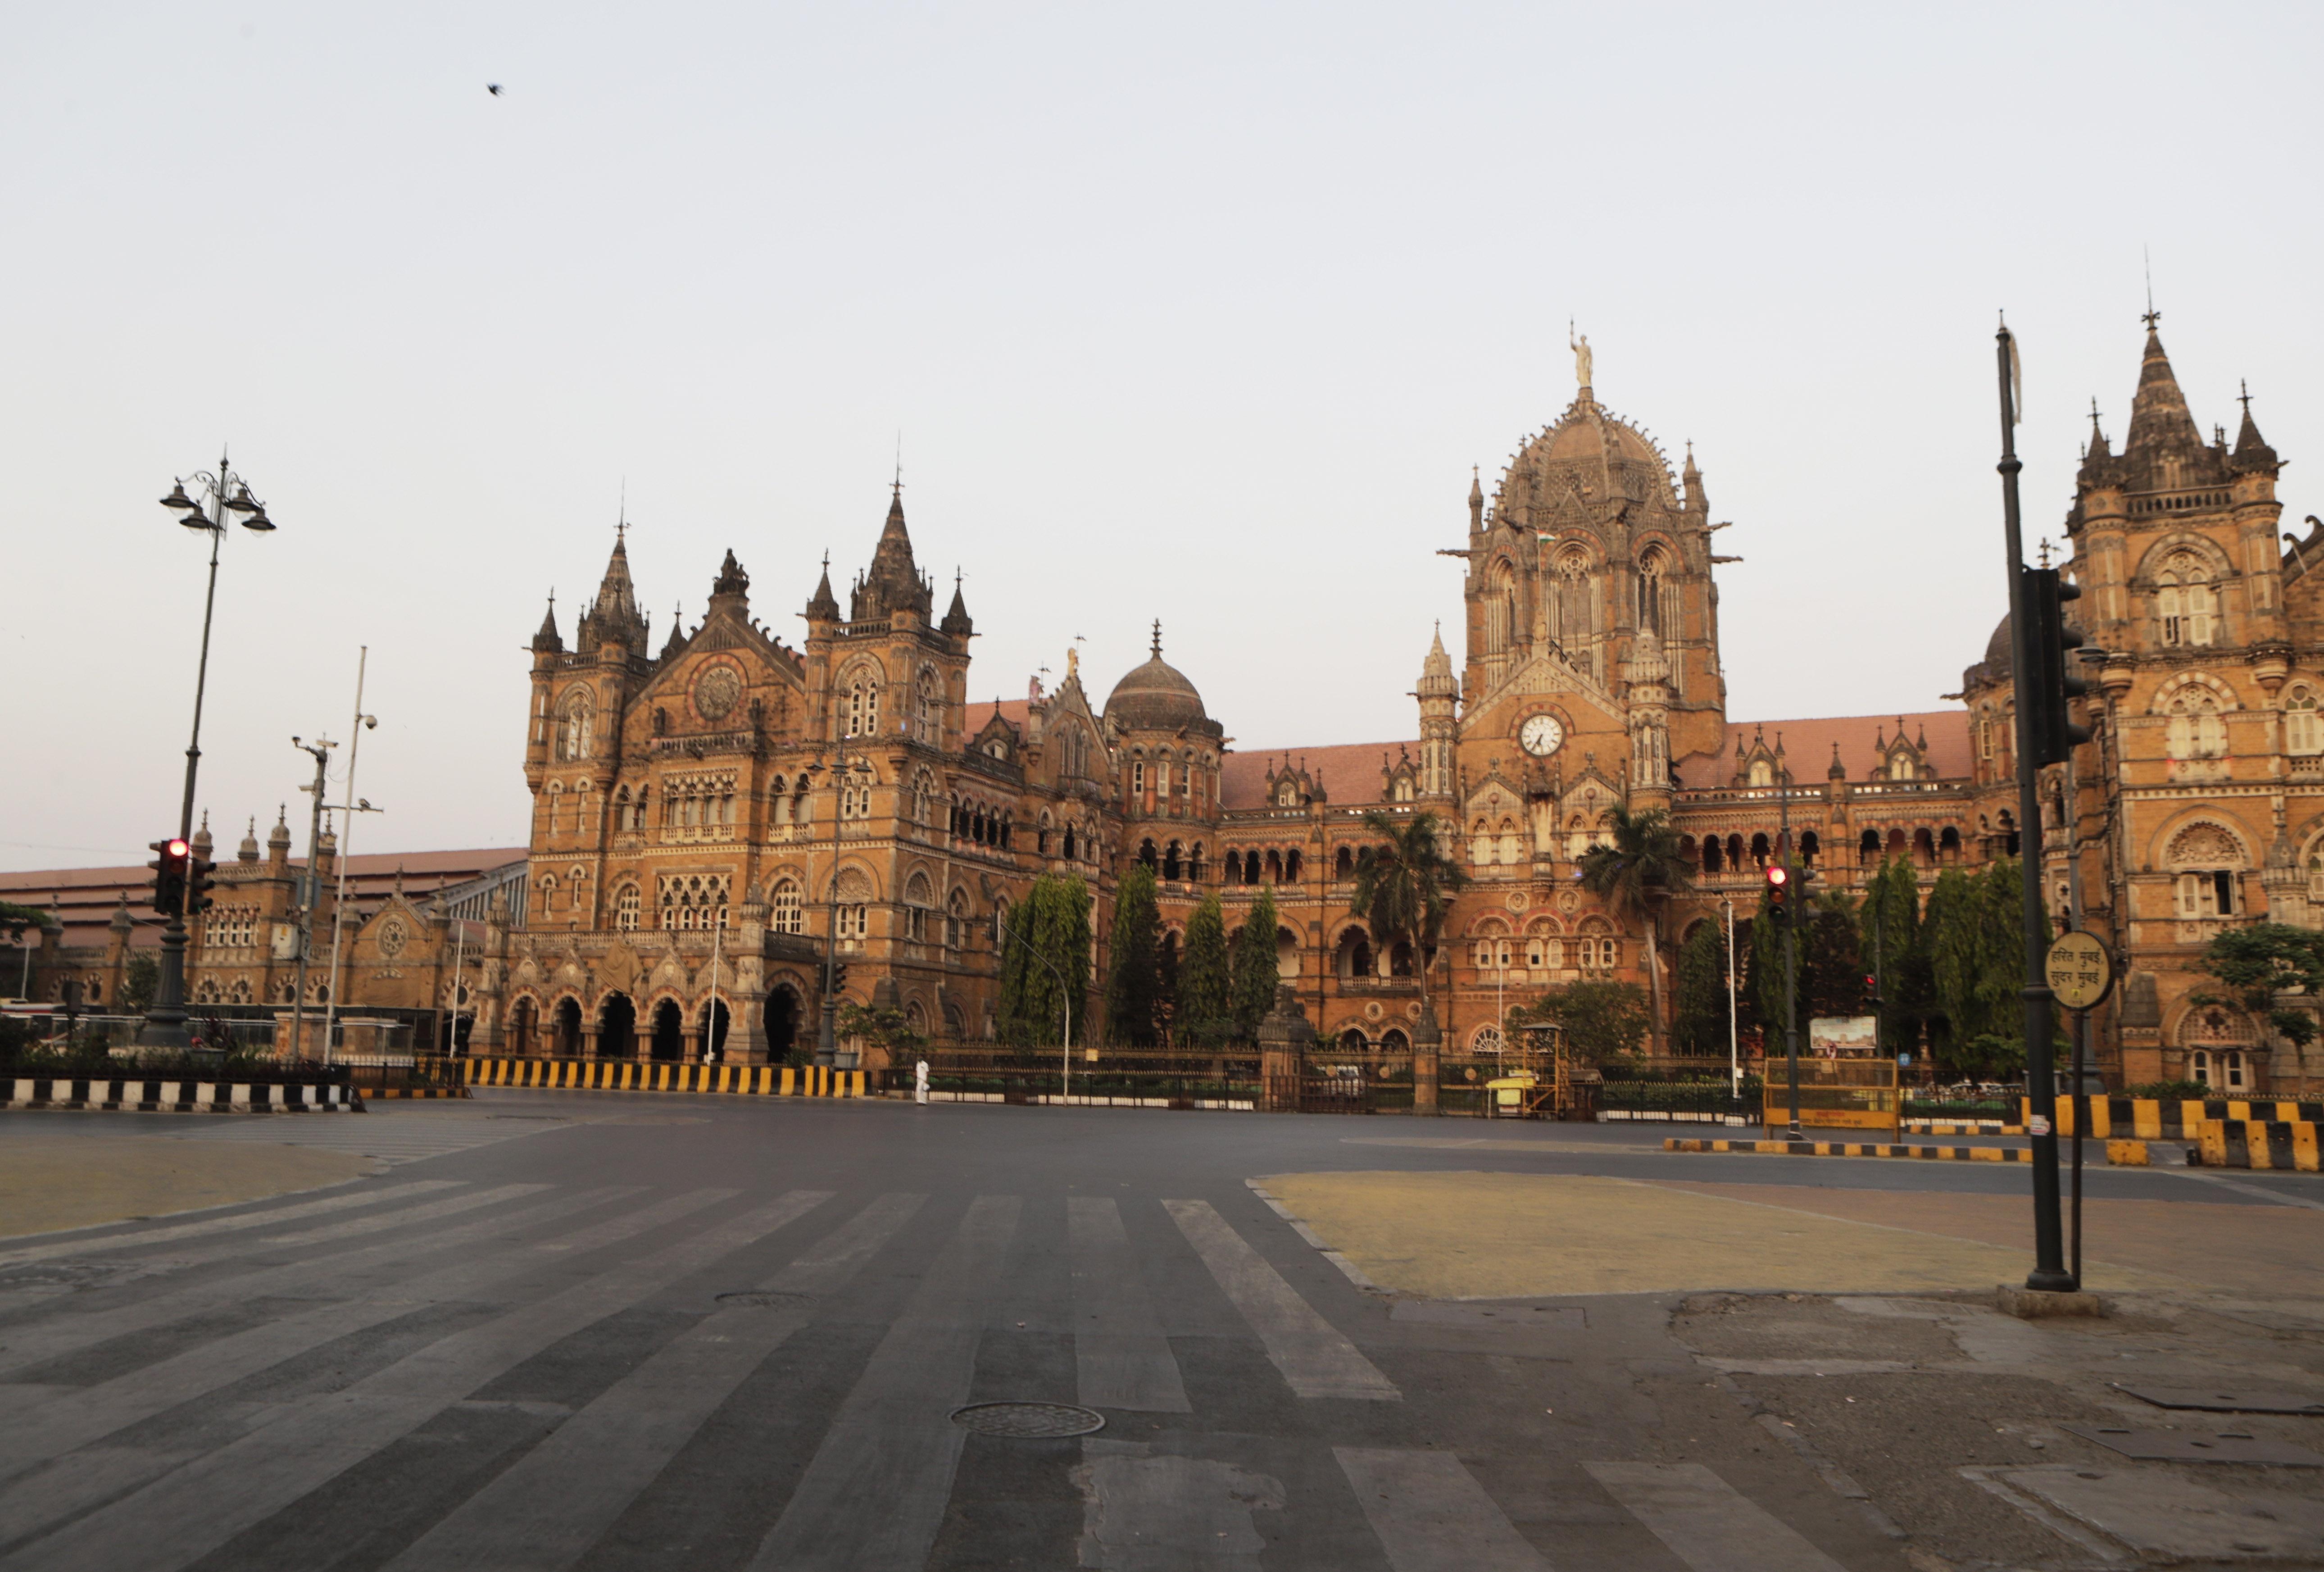 Chhatrapati Shivaji Maharaj Train Terminus in Mumbai is completely empty.